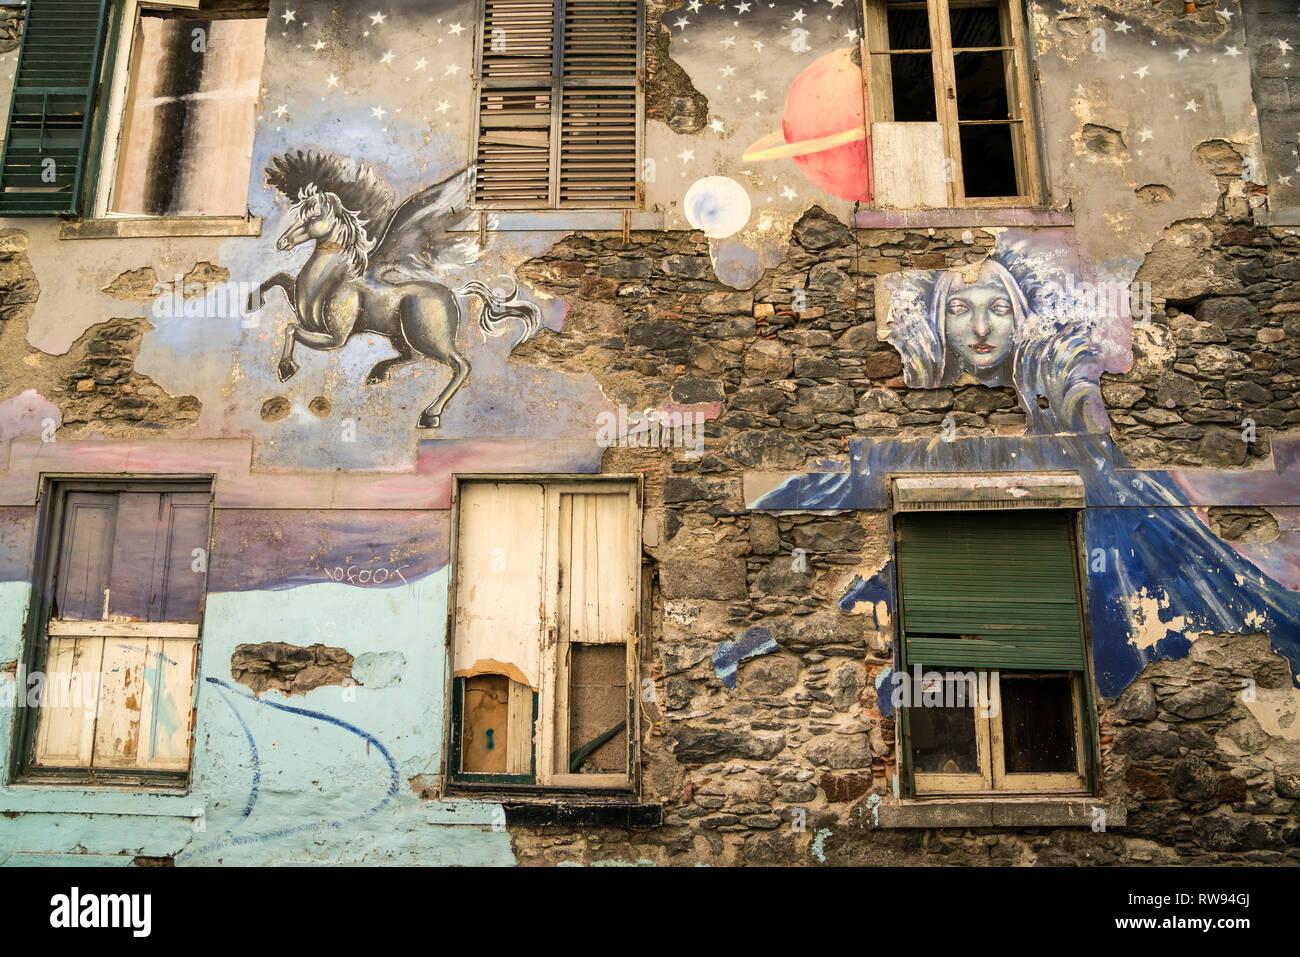 Kunstprojekt mit bemalten Türen und Fassaden in der Altstadt von Funchal, Madeira, Portugal, Europa    Art project Painted doors and facades in Funcha - Stock Image